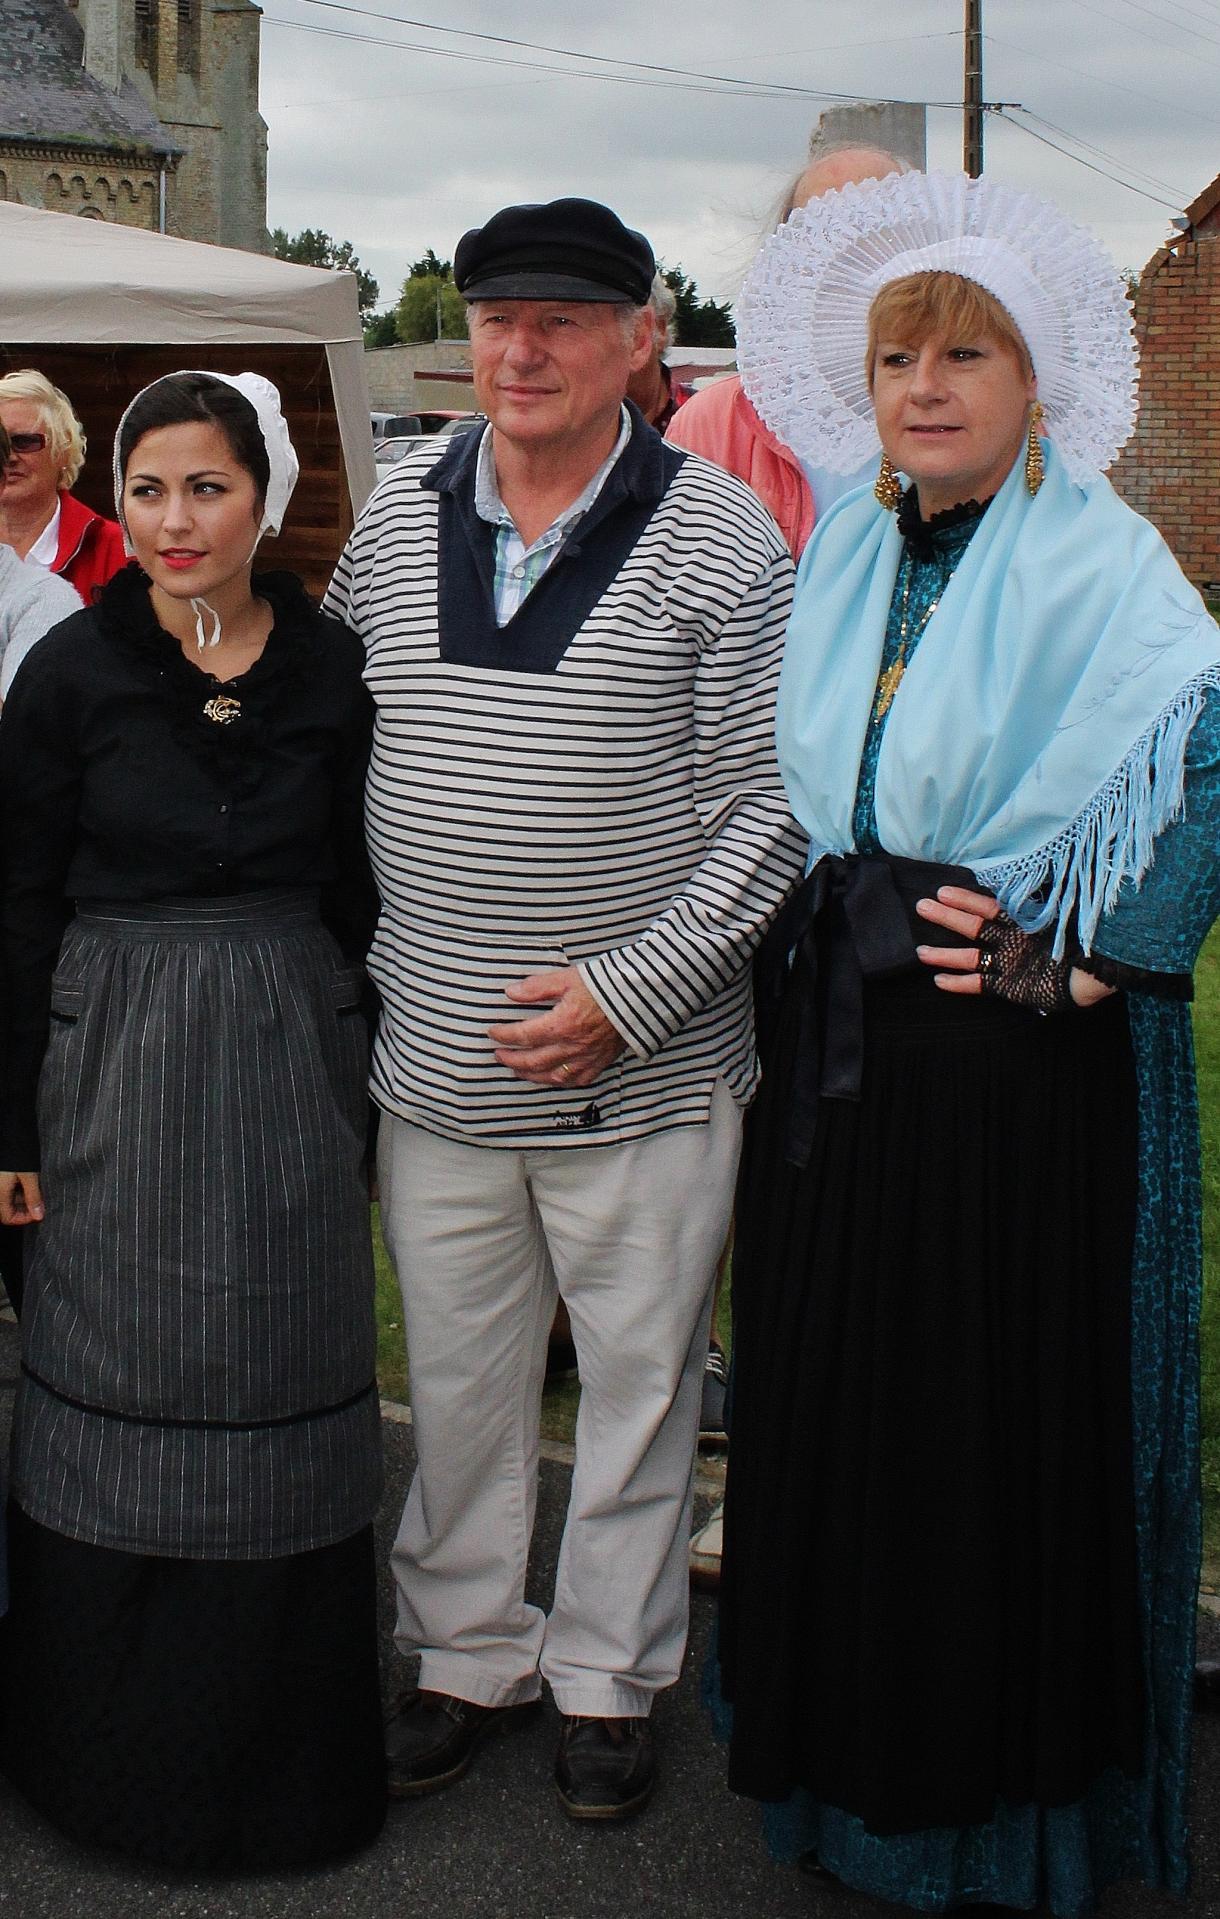 Fete des islandais hemmes de marck un groupe de matelotes et matelots